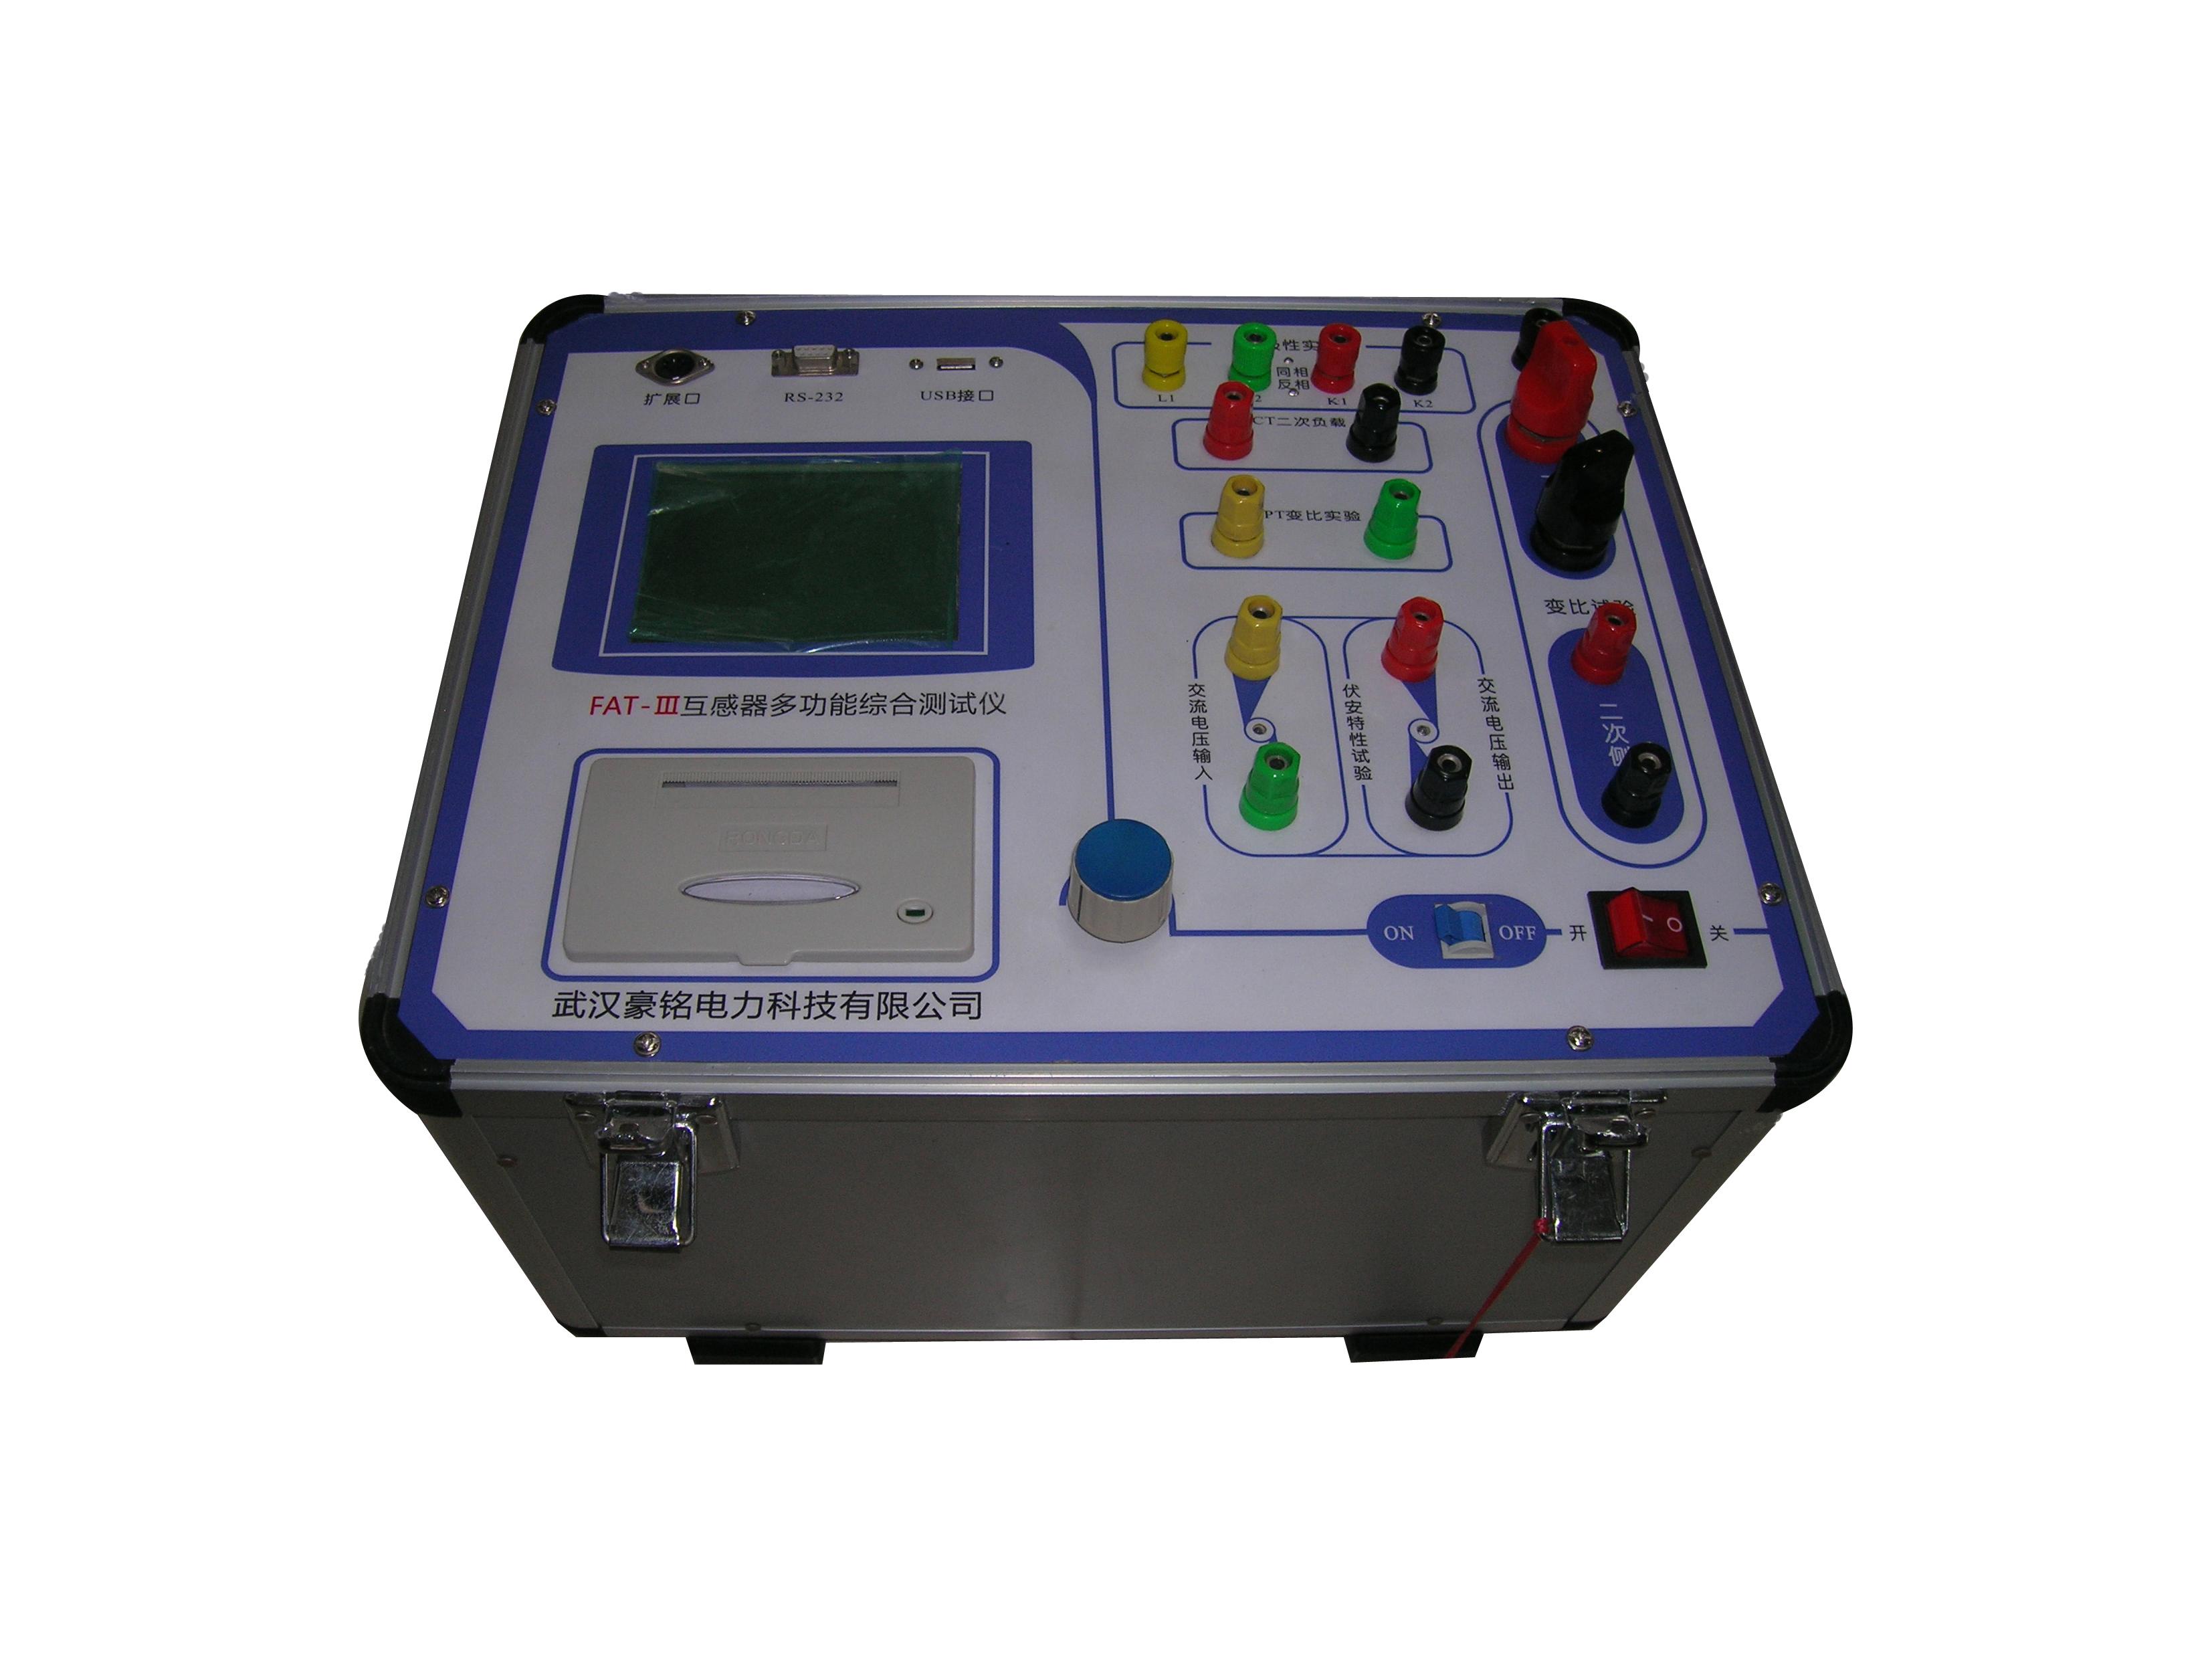 FAT-III互感器多功能綜合測試儀